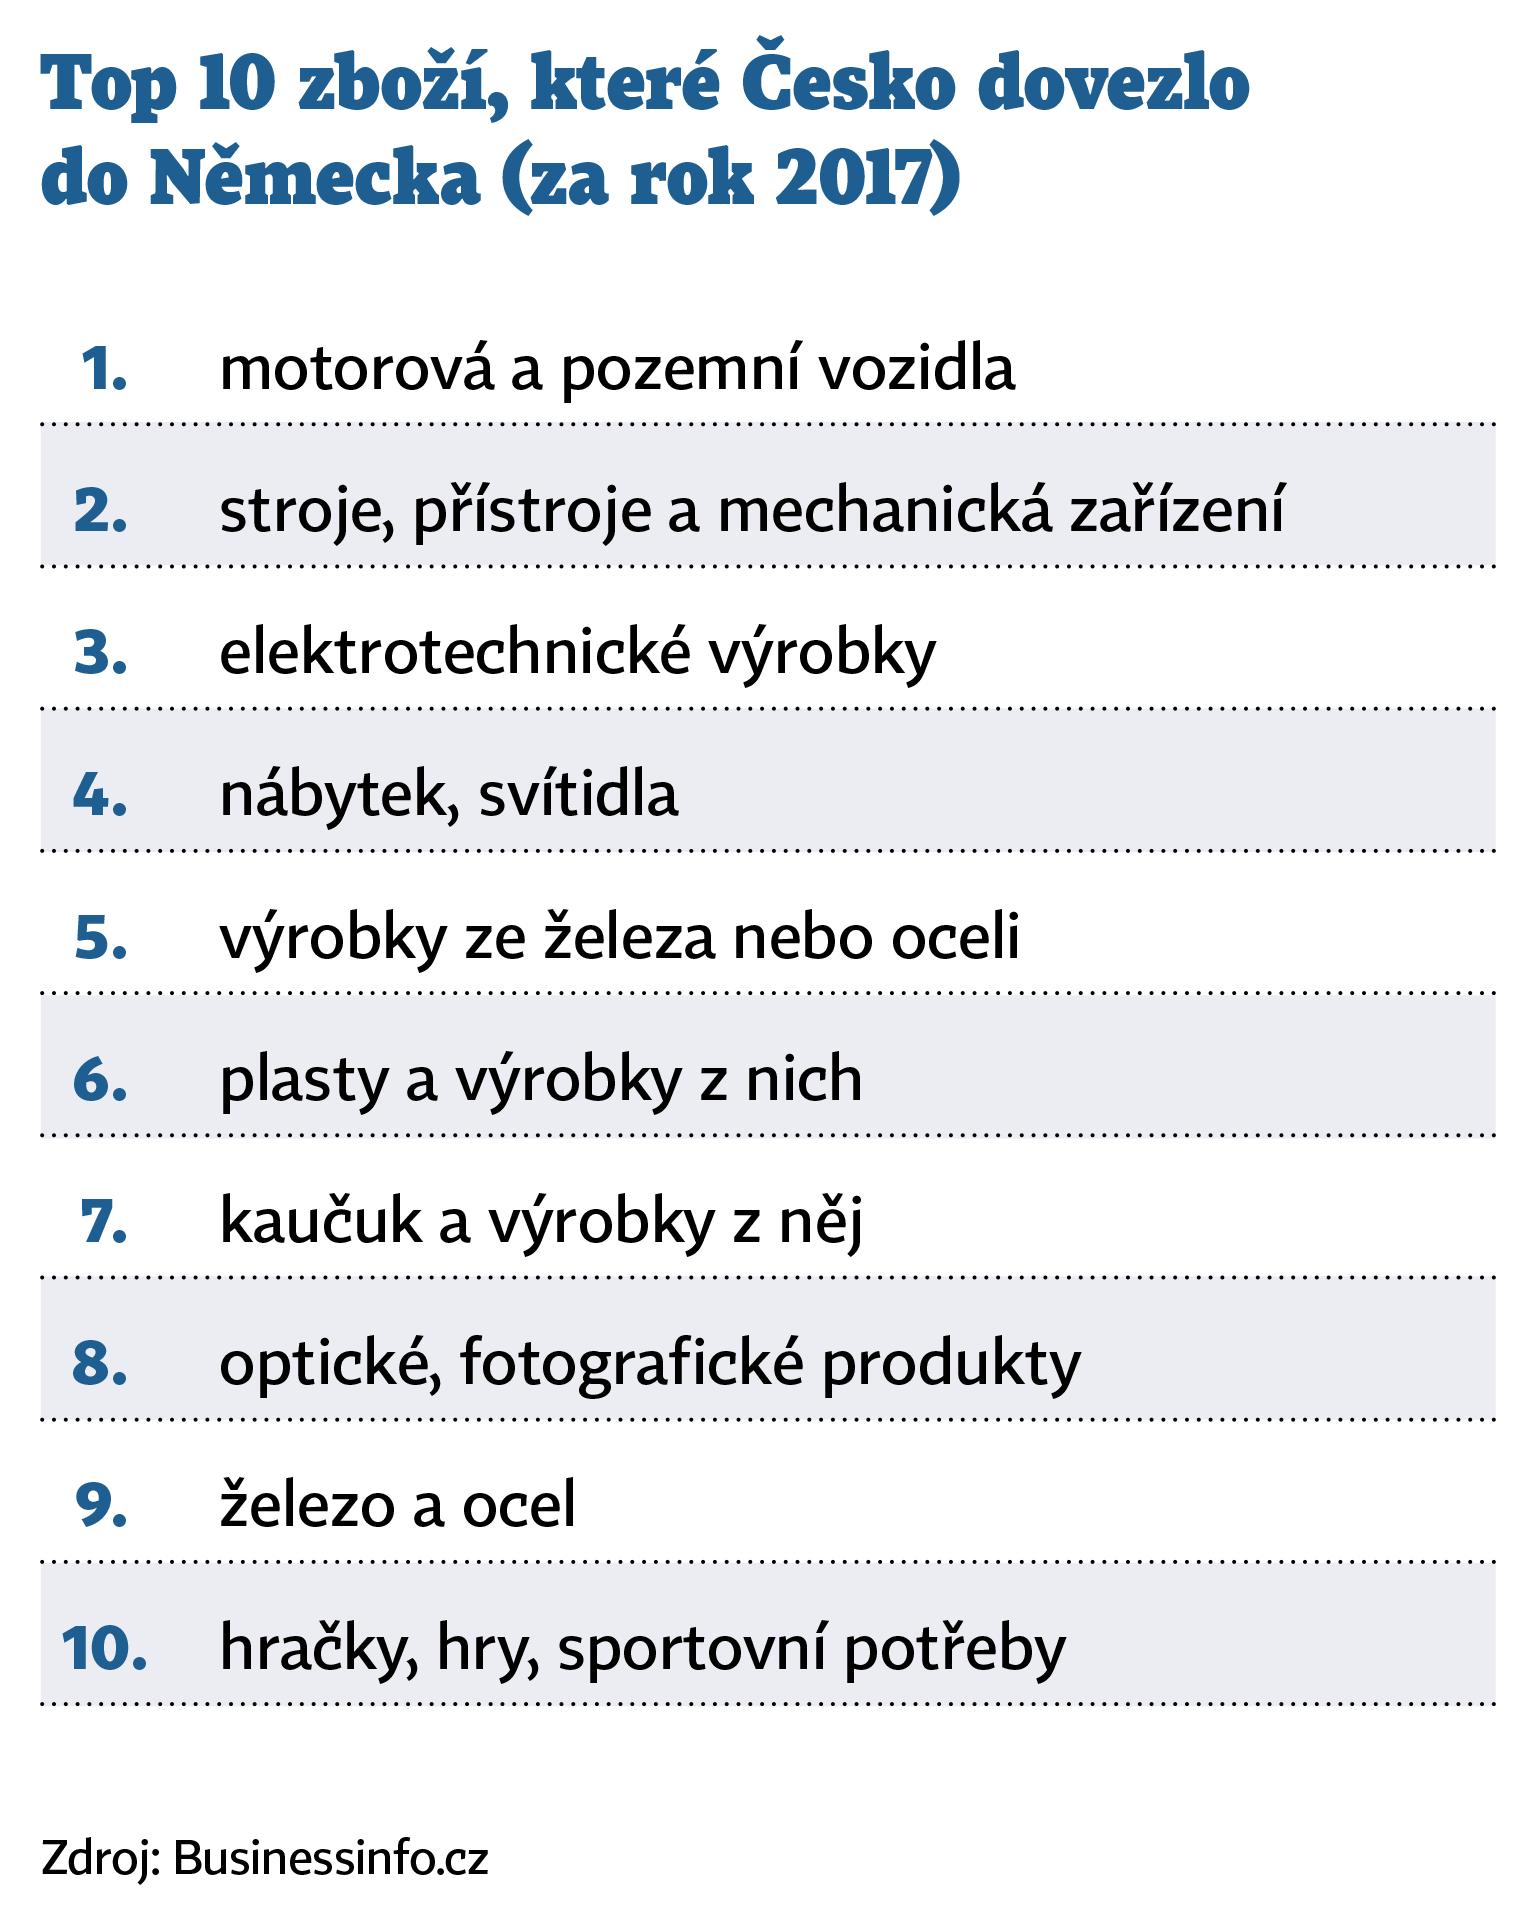 Top 10 zboží, které Česko dovezlo do Německa (za rok 2017)